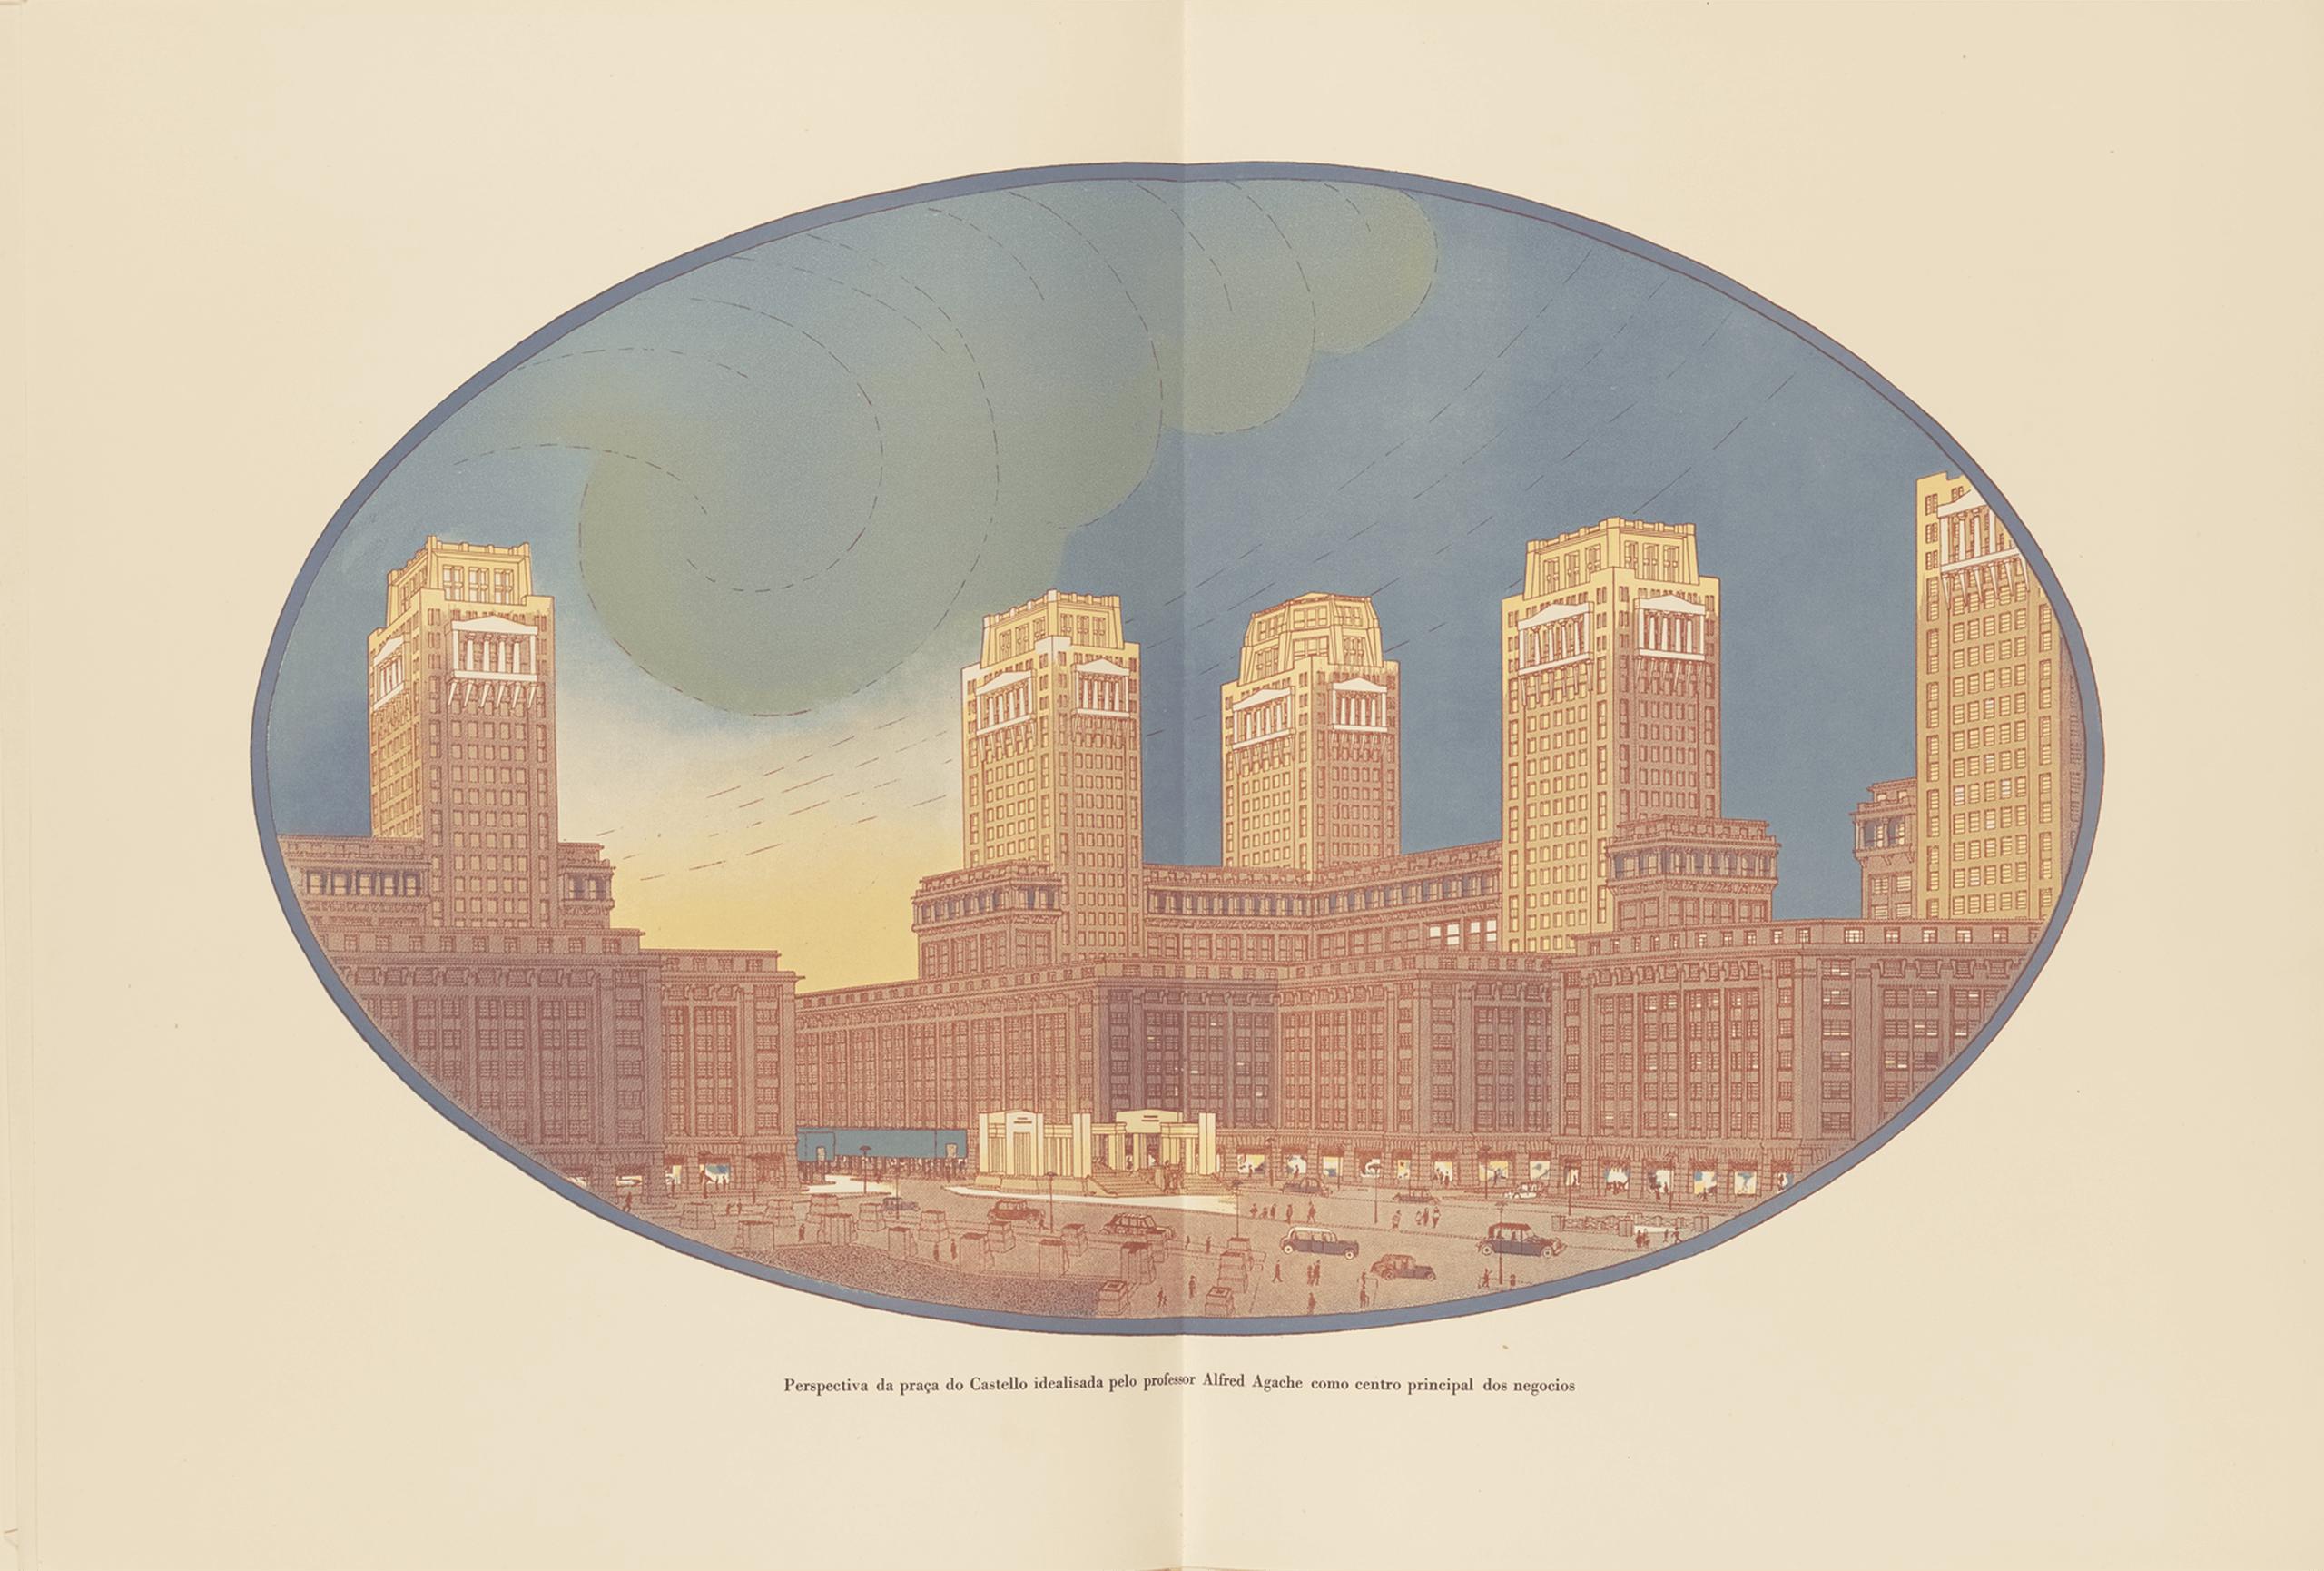 Perspectiva de la plaza do Castello diseñada por el profesor Alfred Agache como Centro Principal de Negocios   La metrópolis en América Latina, 1830-1930   Museo Amparo, Puebla